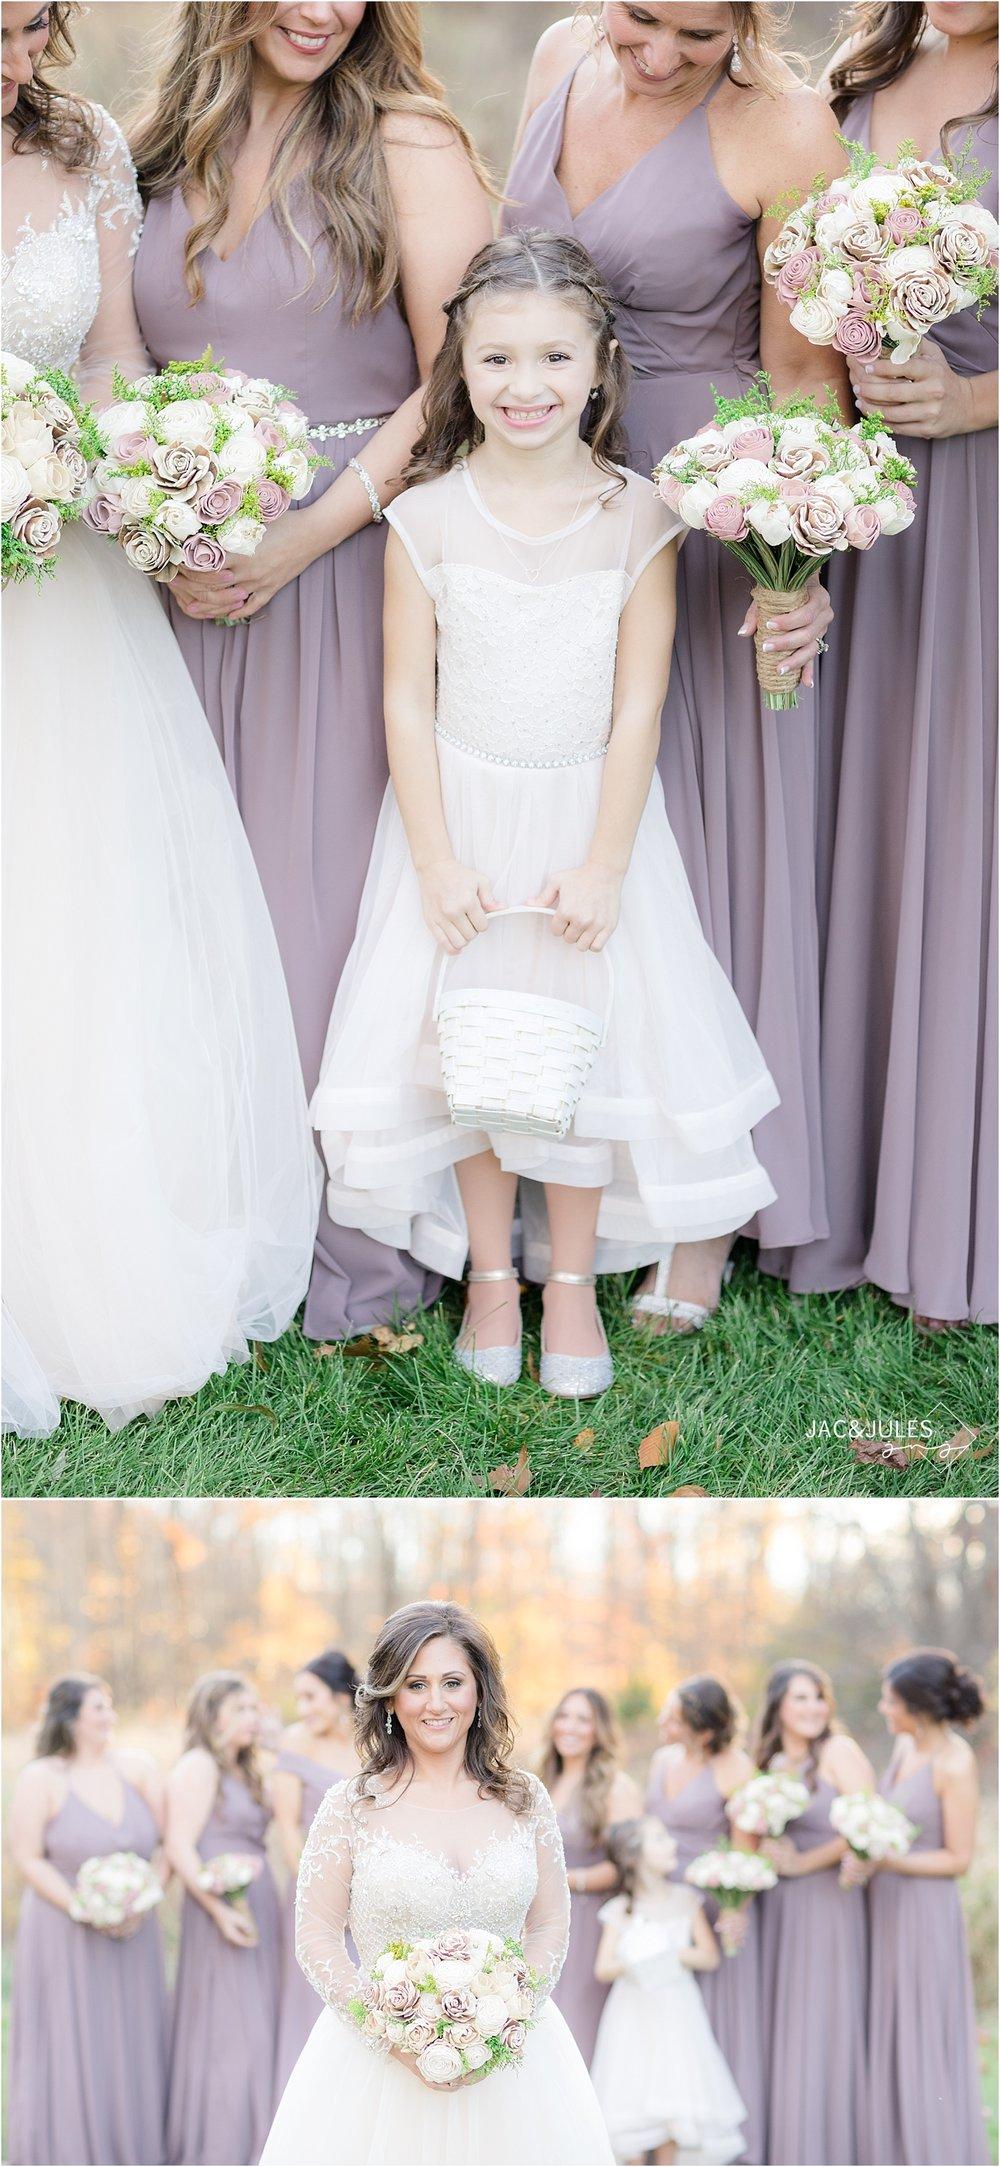 fall wedding colors at Perona Farms